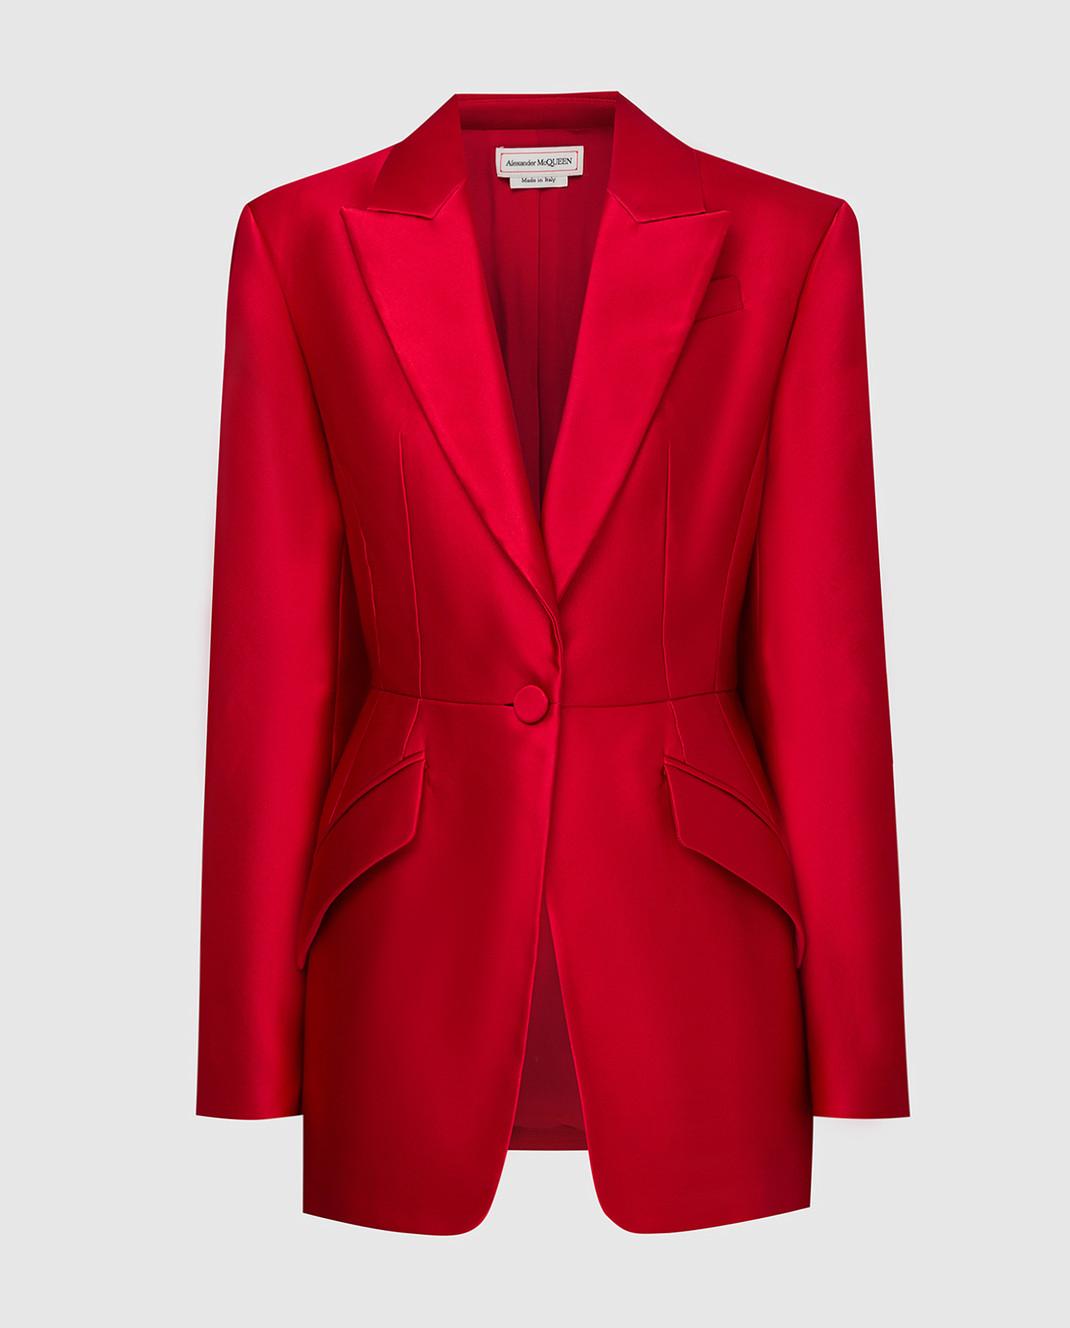 Alexander McQueen Красный жакет из шелка изображение 1